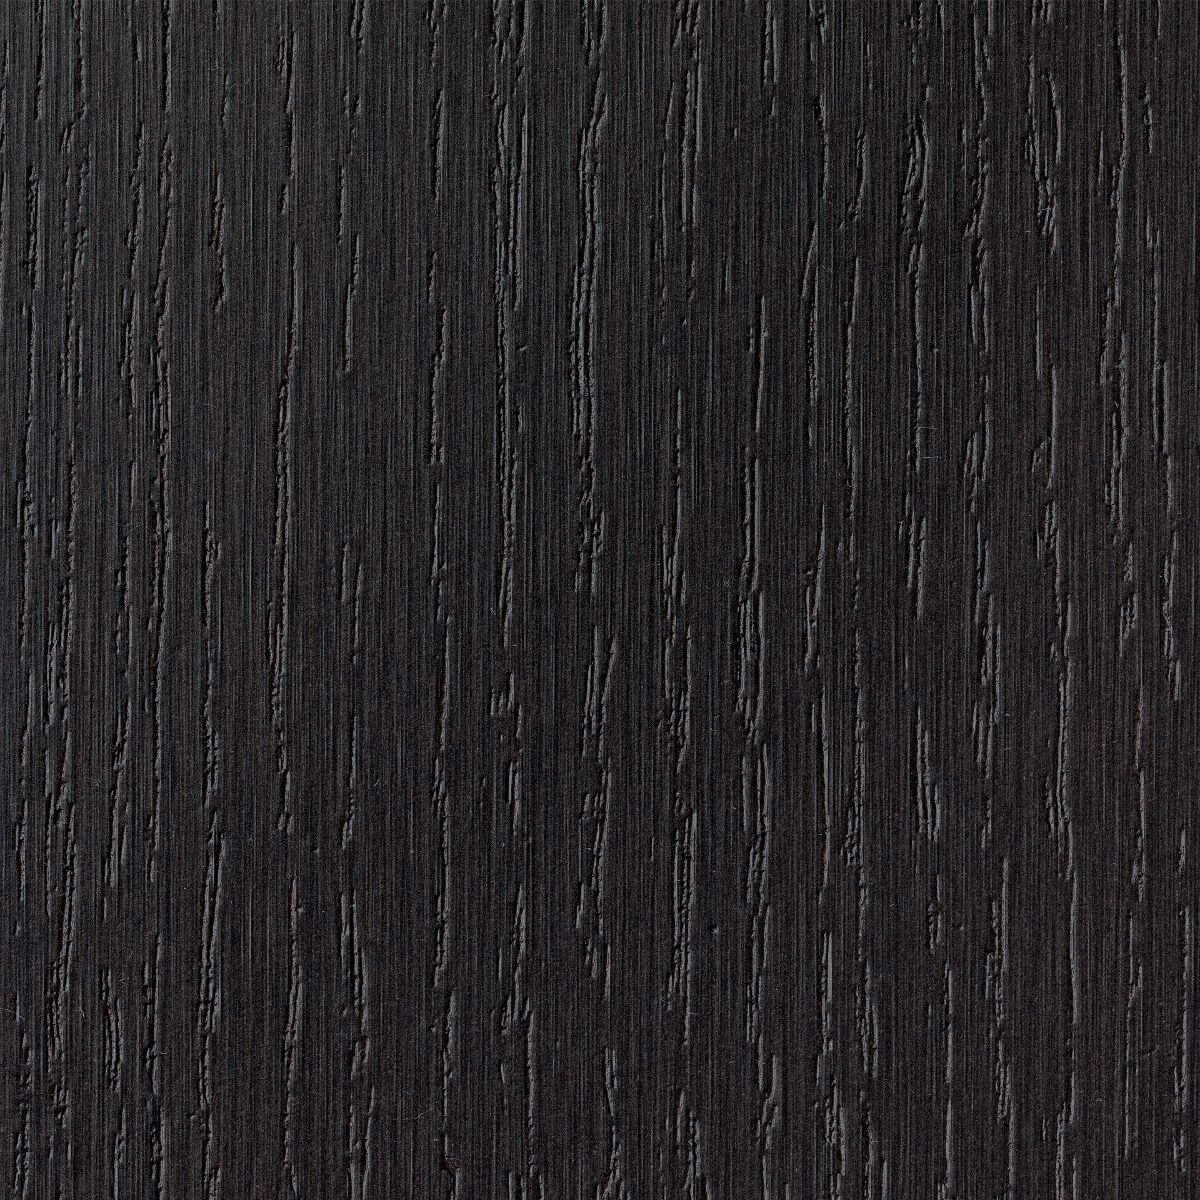 Finitura legno wenge poro rovere per parete in vetro